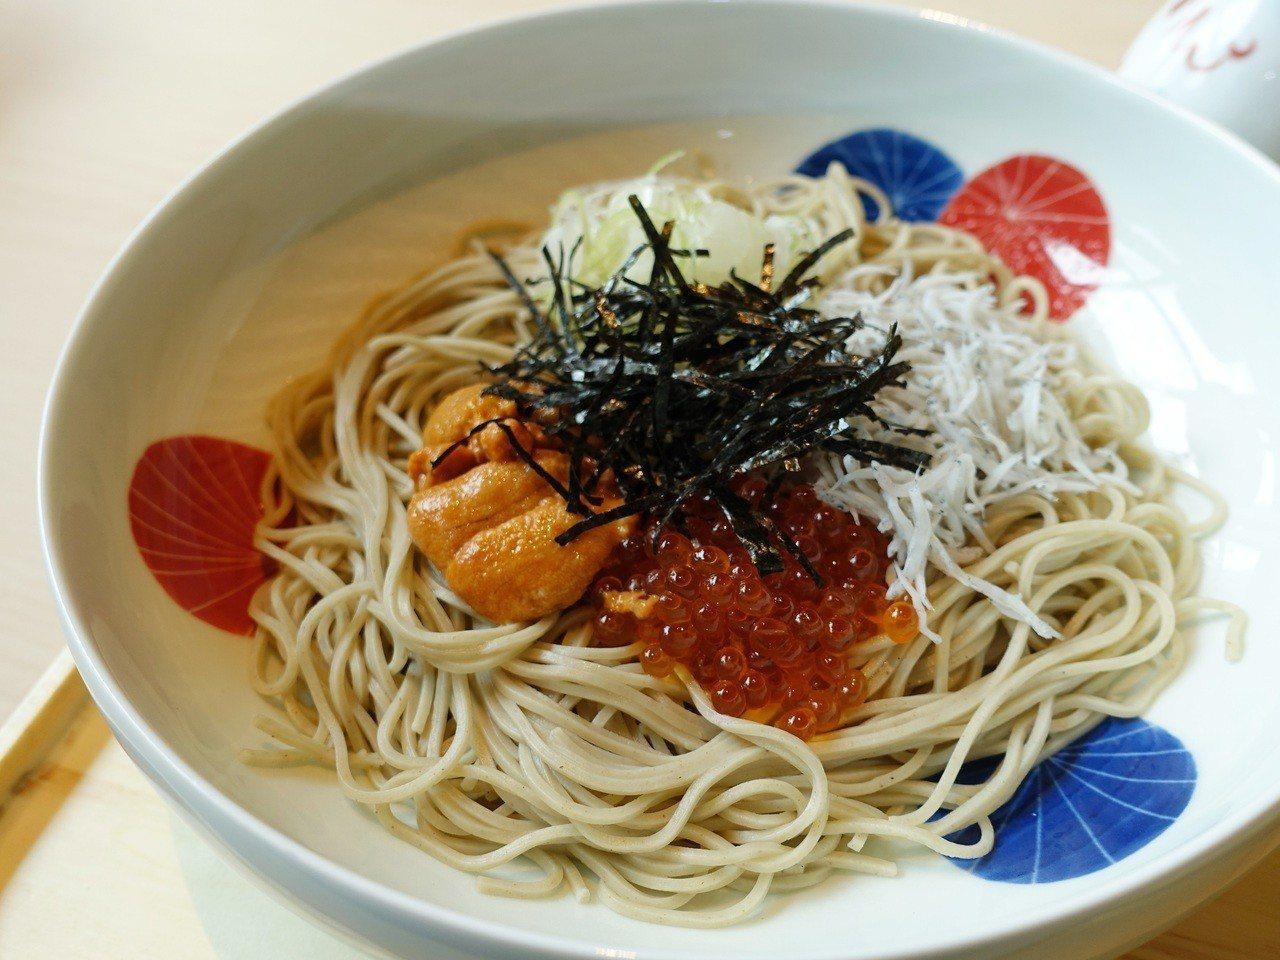 海膽鮭魚卵魩仔魚涼拌麵,售價630元。記者張芳瑜/攝影